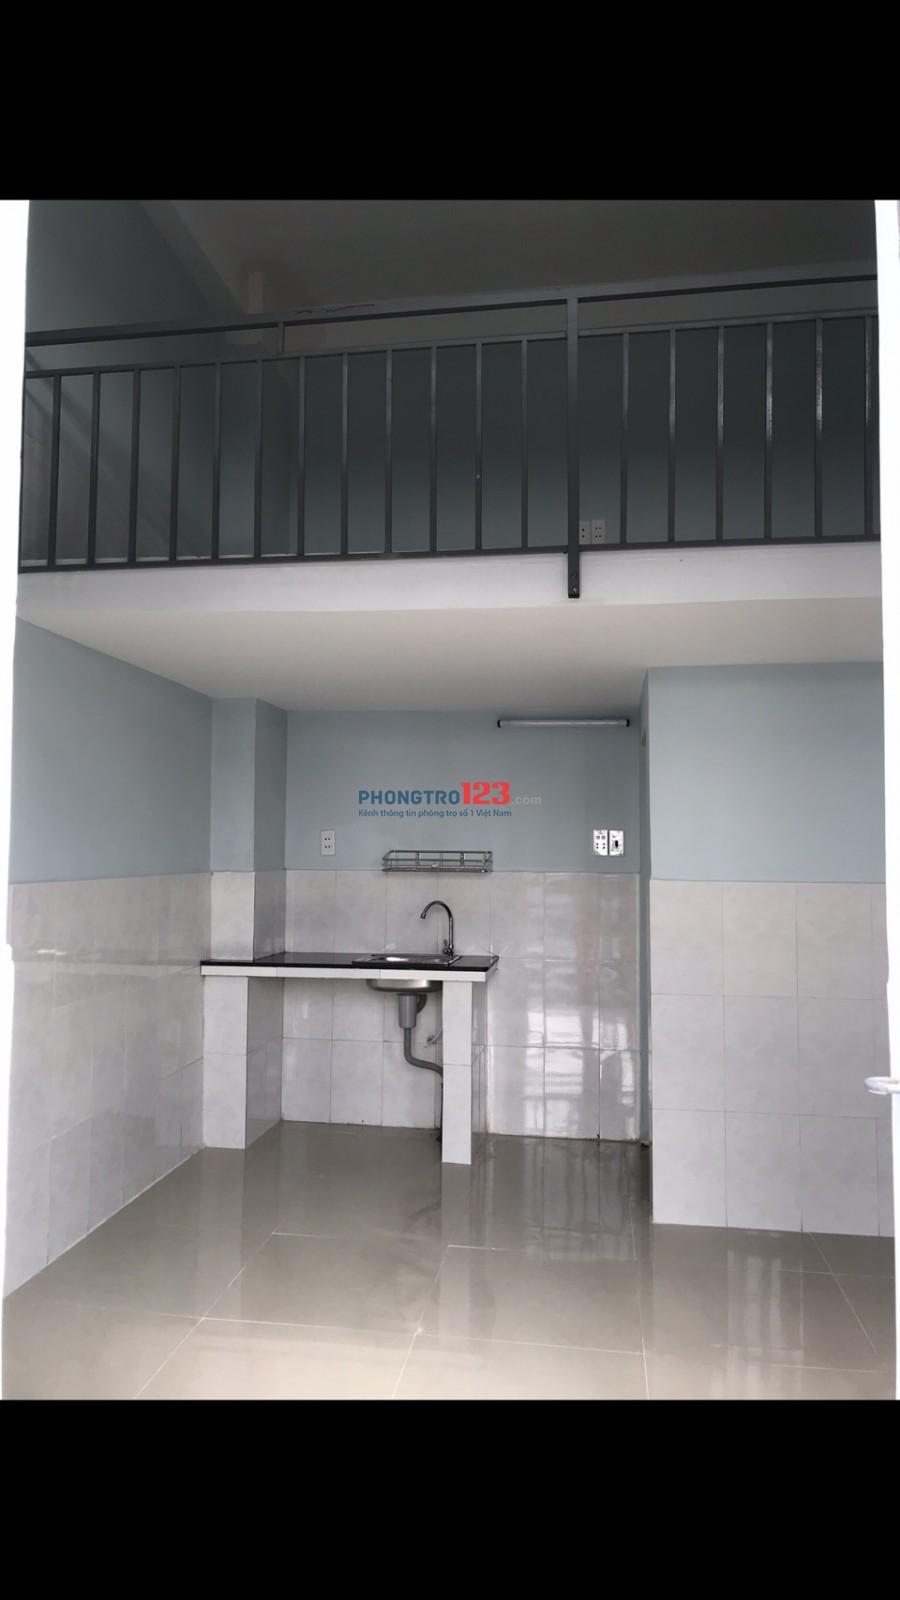 Phòng trọ mới xây, có gác lửng, sạch sẽ, khu an ninh, yên tĩnh tại đường 160 - Lã Xuân Oai, Quận 9